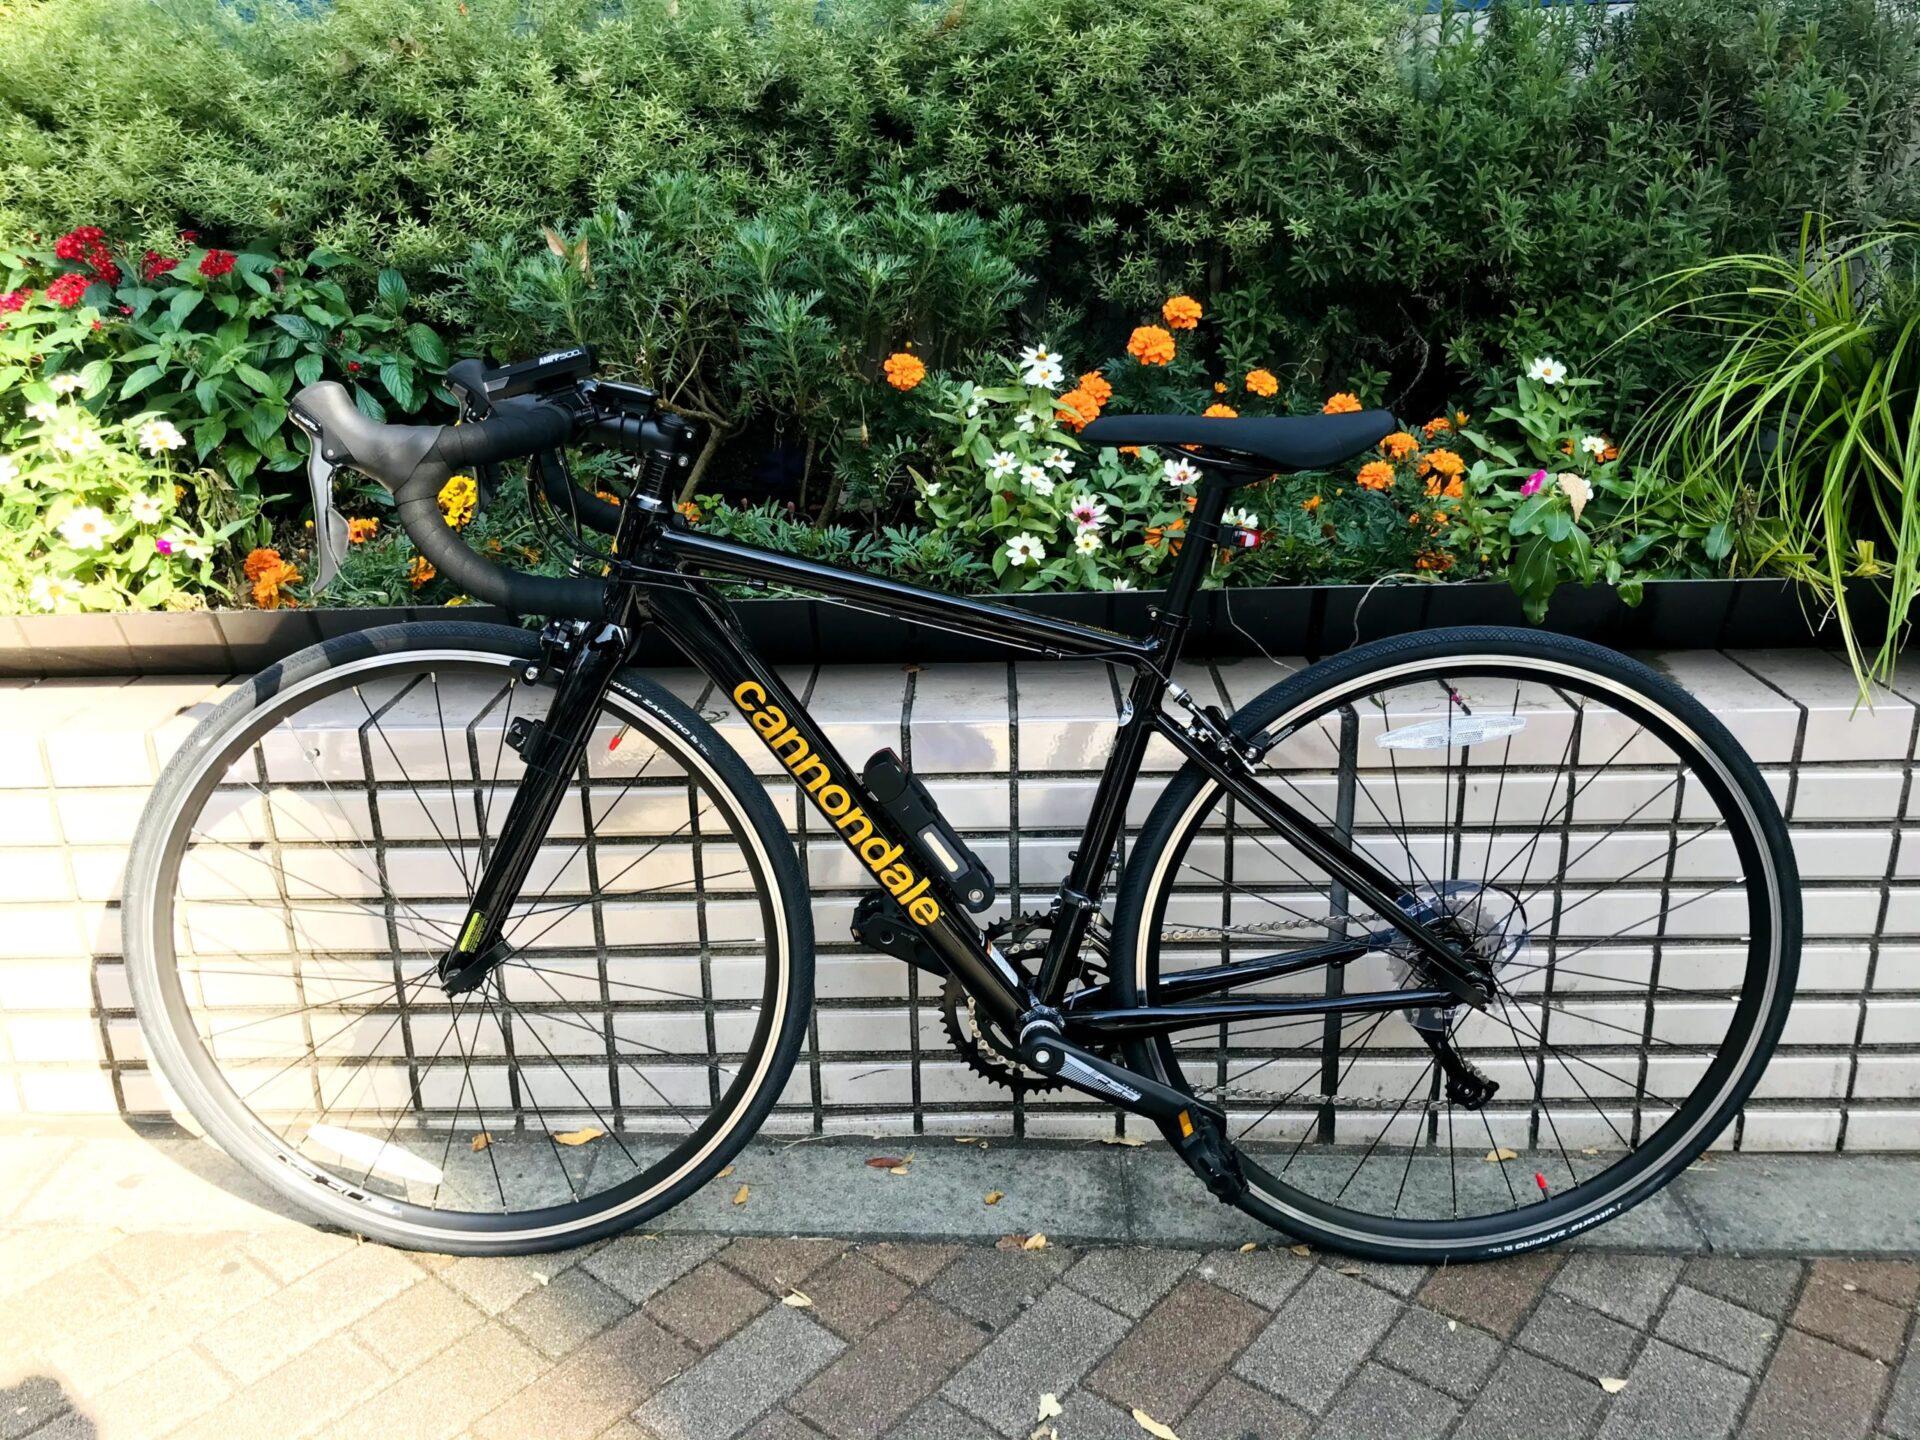 Cannondaleの黒いロードバイク